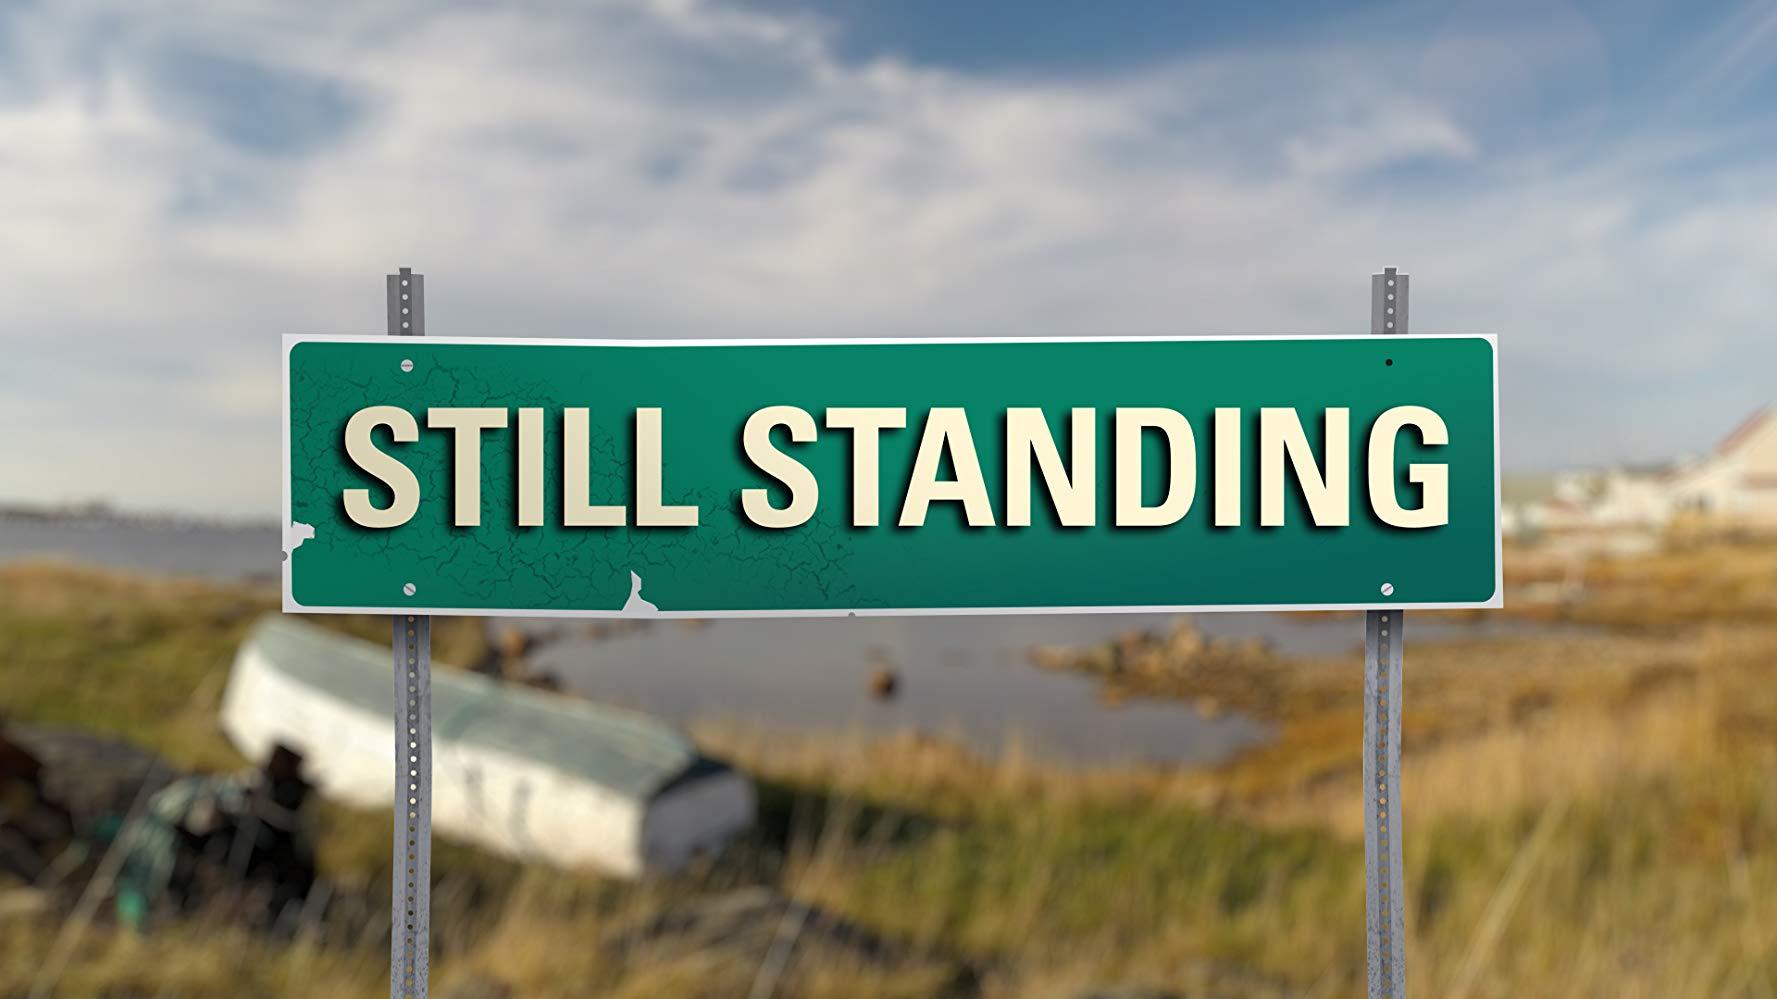 Still Standing 2015 S04E05 Cobalt WEBRip x264-KOMPOST